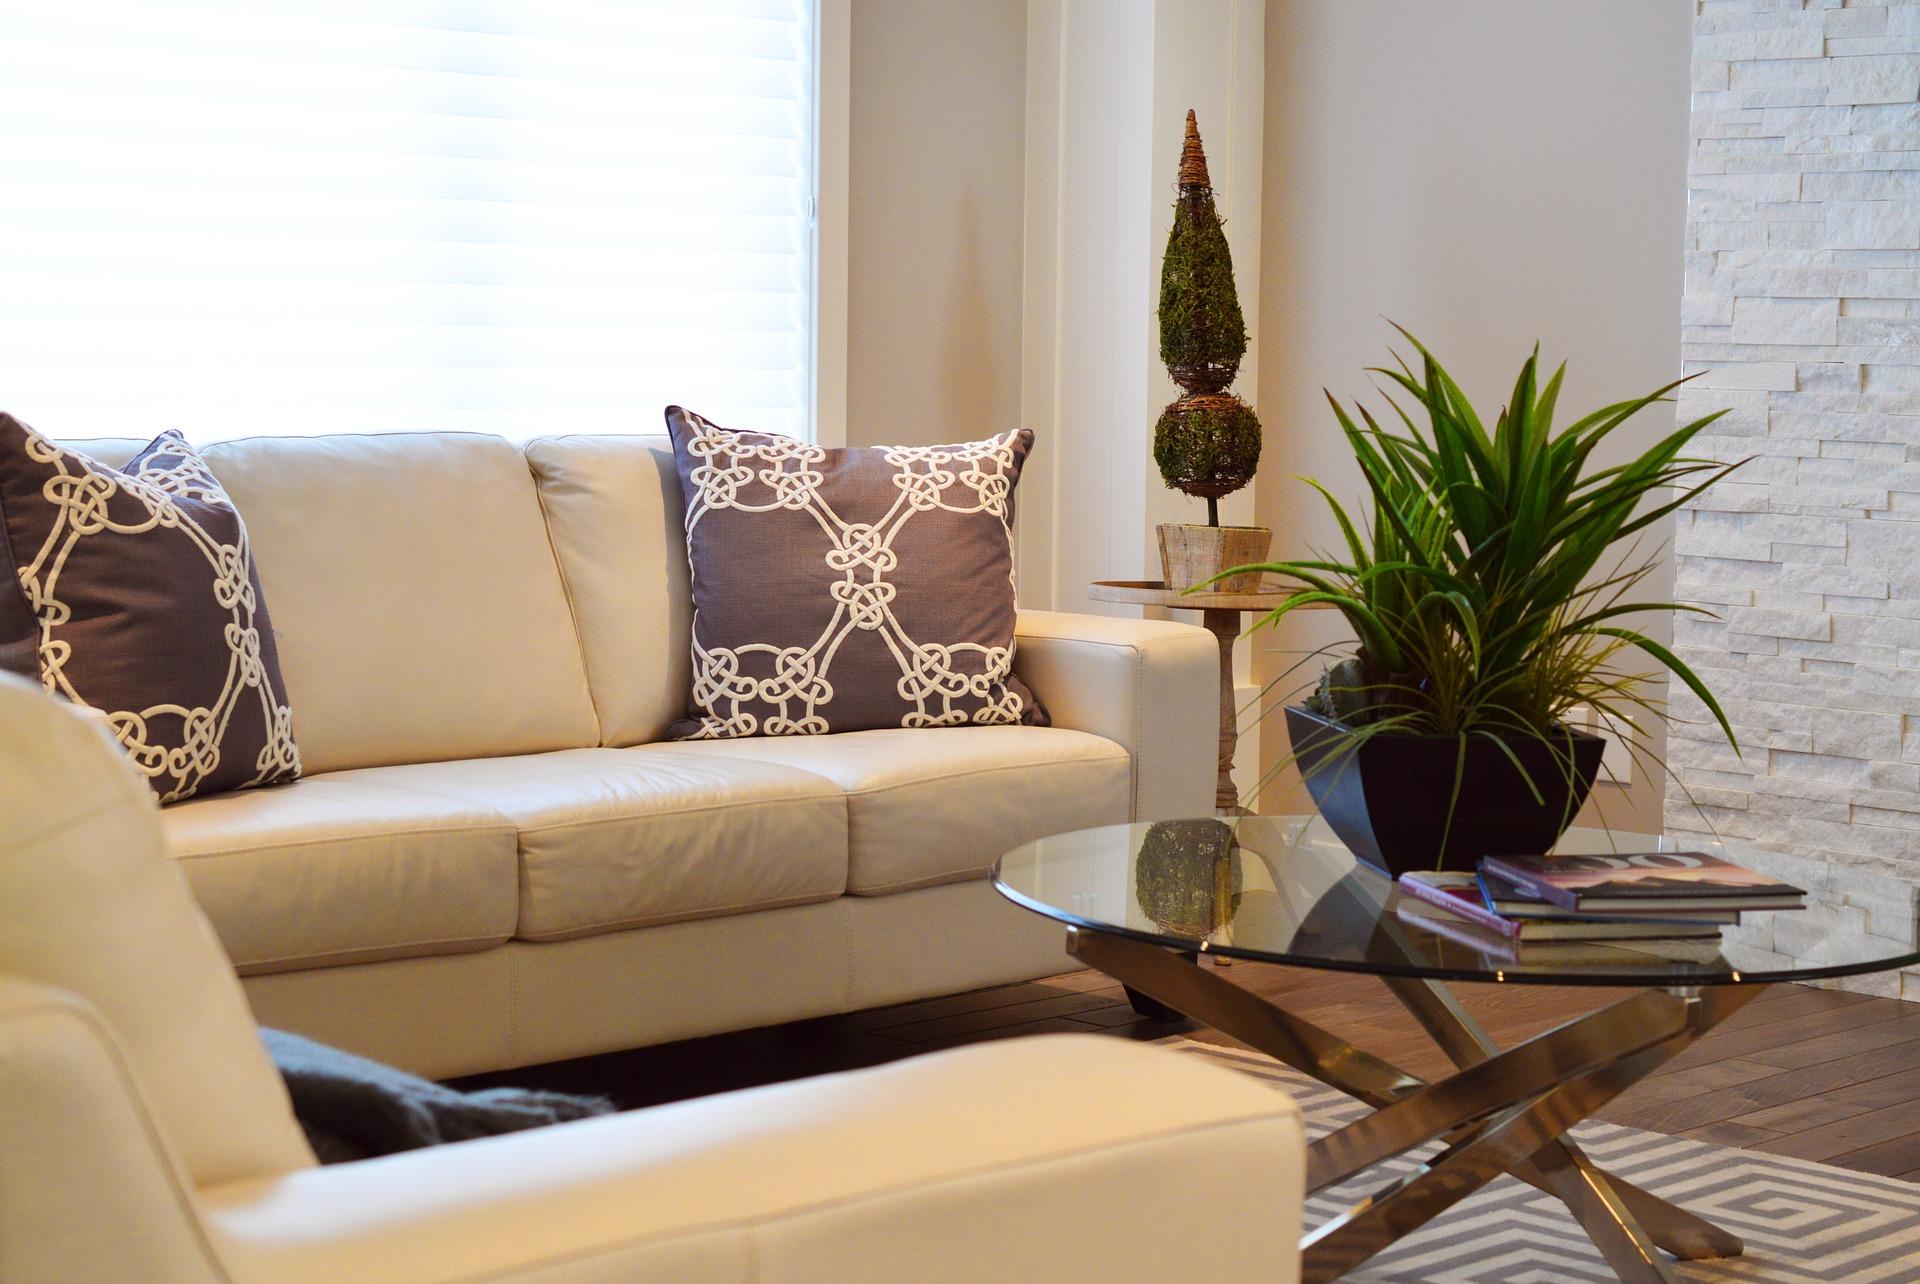 Sala decorada com sofás, almofadas, mesa de centro e plantas e tapete